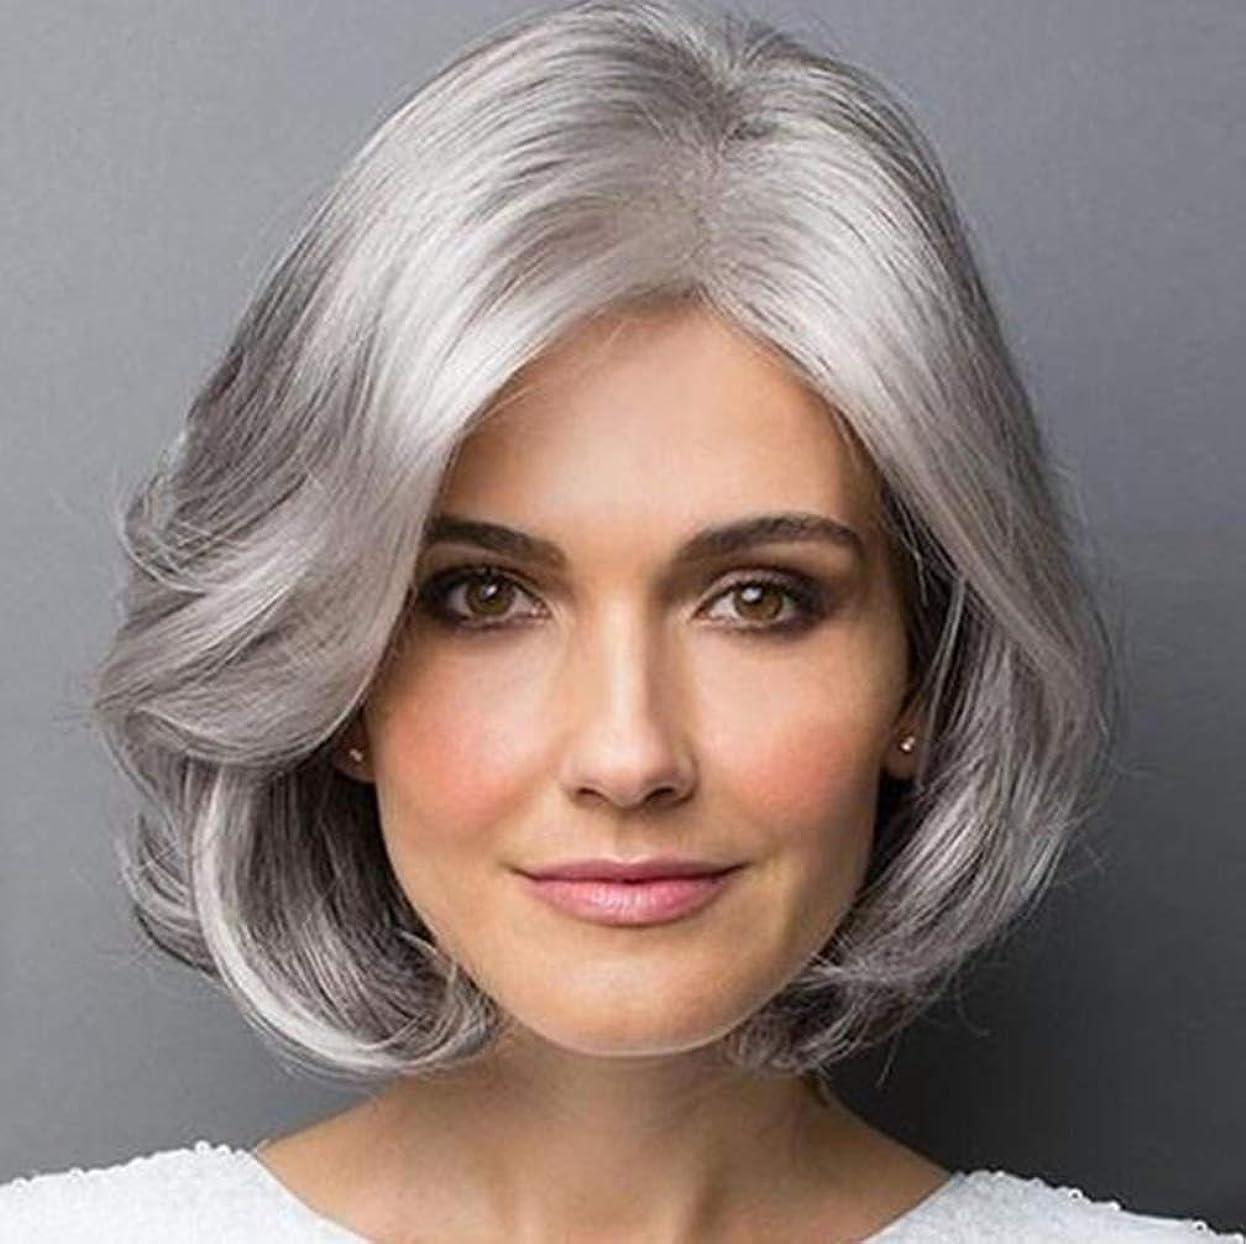 裏切るオリエンテーション銀かつら短い巻き毛シルバーグレーショートヘア化学繊維髪ふわふわリアルかつら